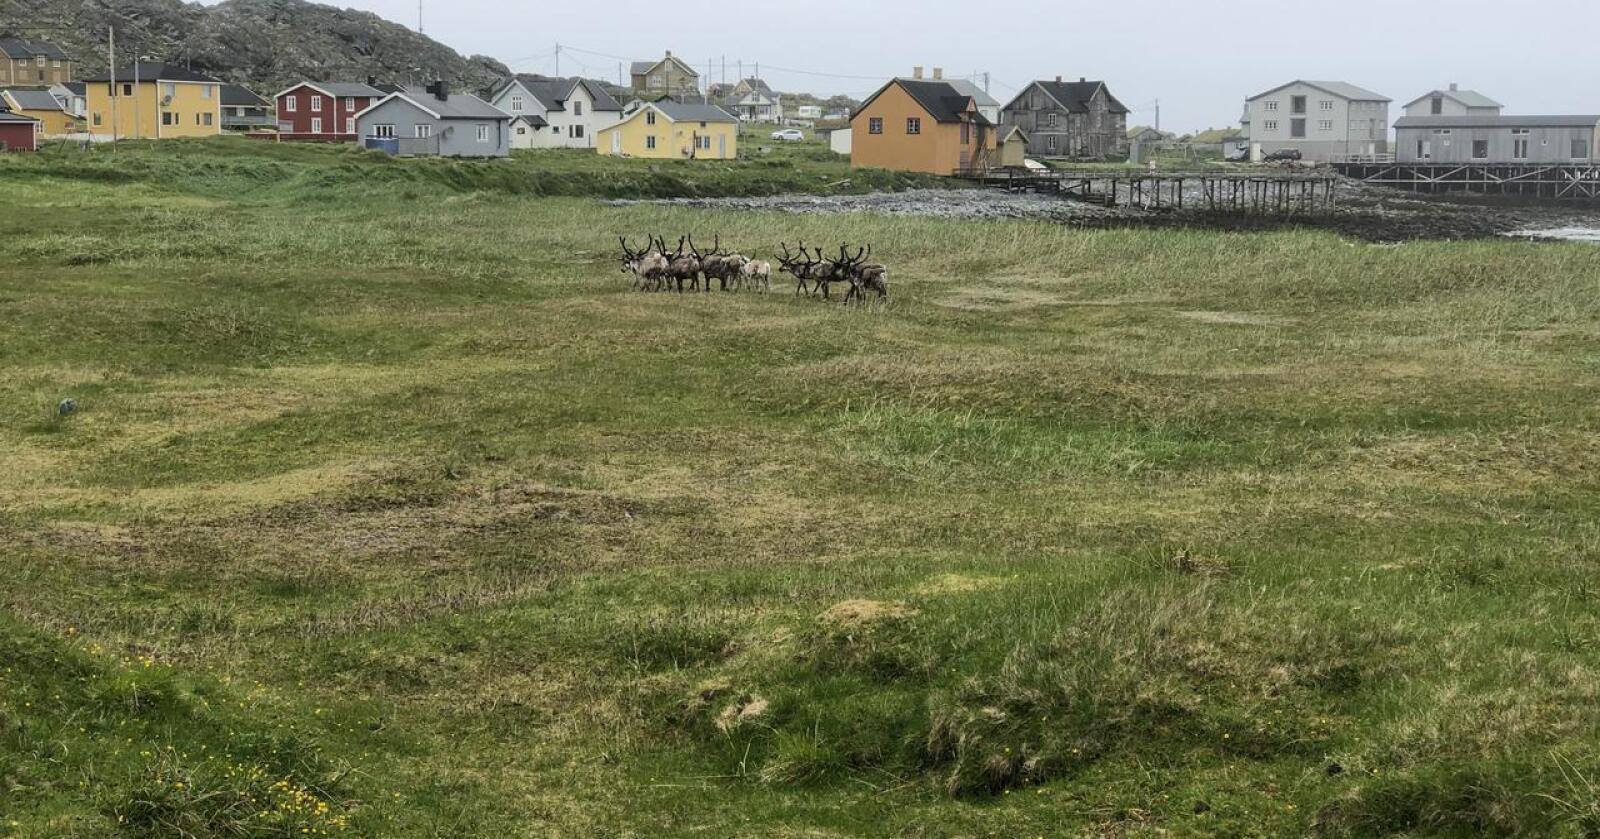 Resultatene viser at Finnmark er det geografiske området flest vil dra til for å oppleve unik lokalmat. Bildet er fra Hamningberg, et fraflyttet fiskevær i Båtsfjord kommune, ytterst på Varangerhalvøya. (Foto: Karl Erik Berge)